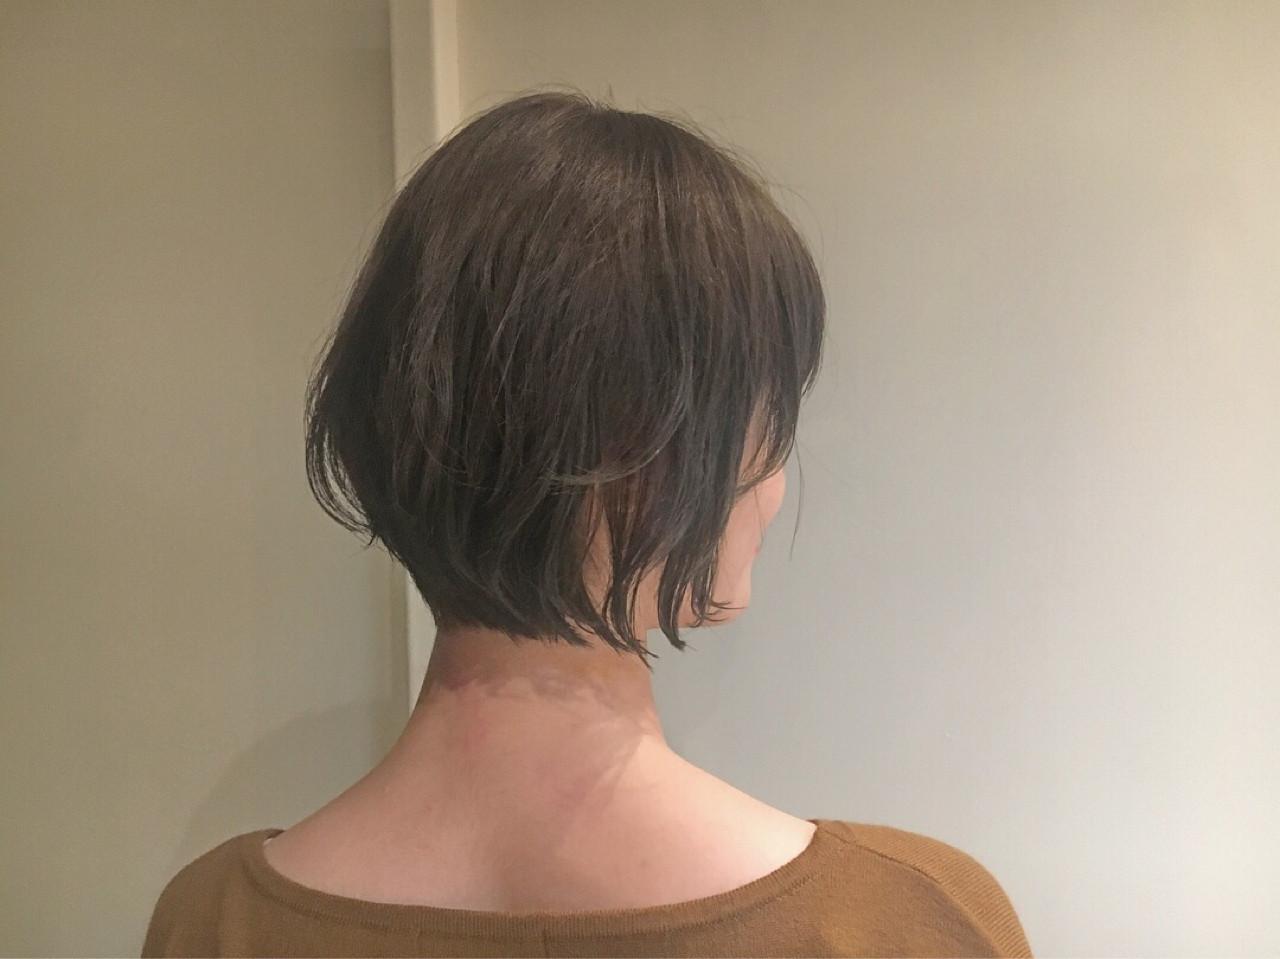 ナチュラル フェミニン ベージュ ショート ヘアスタイルや髪型の写真・画像